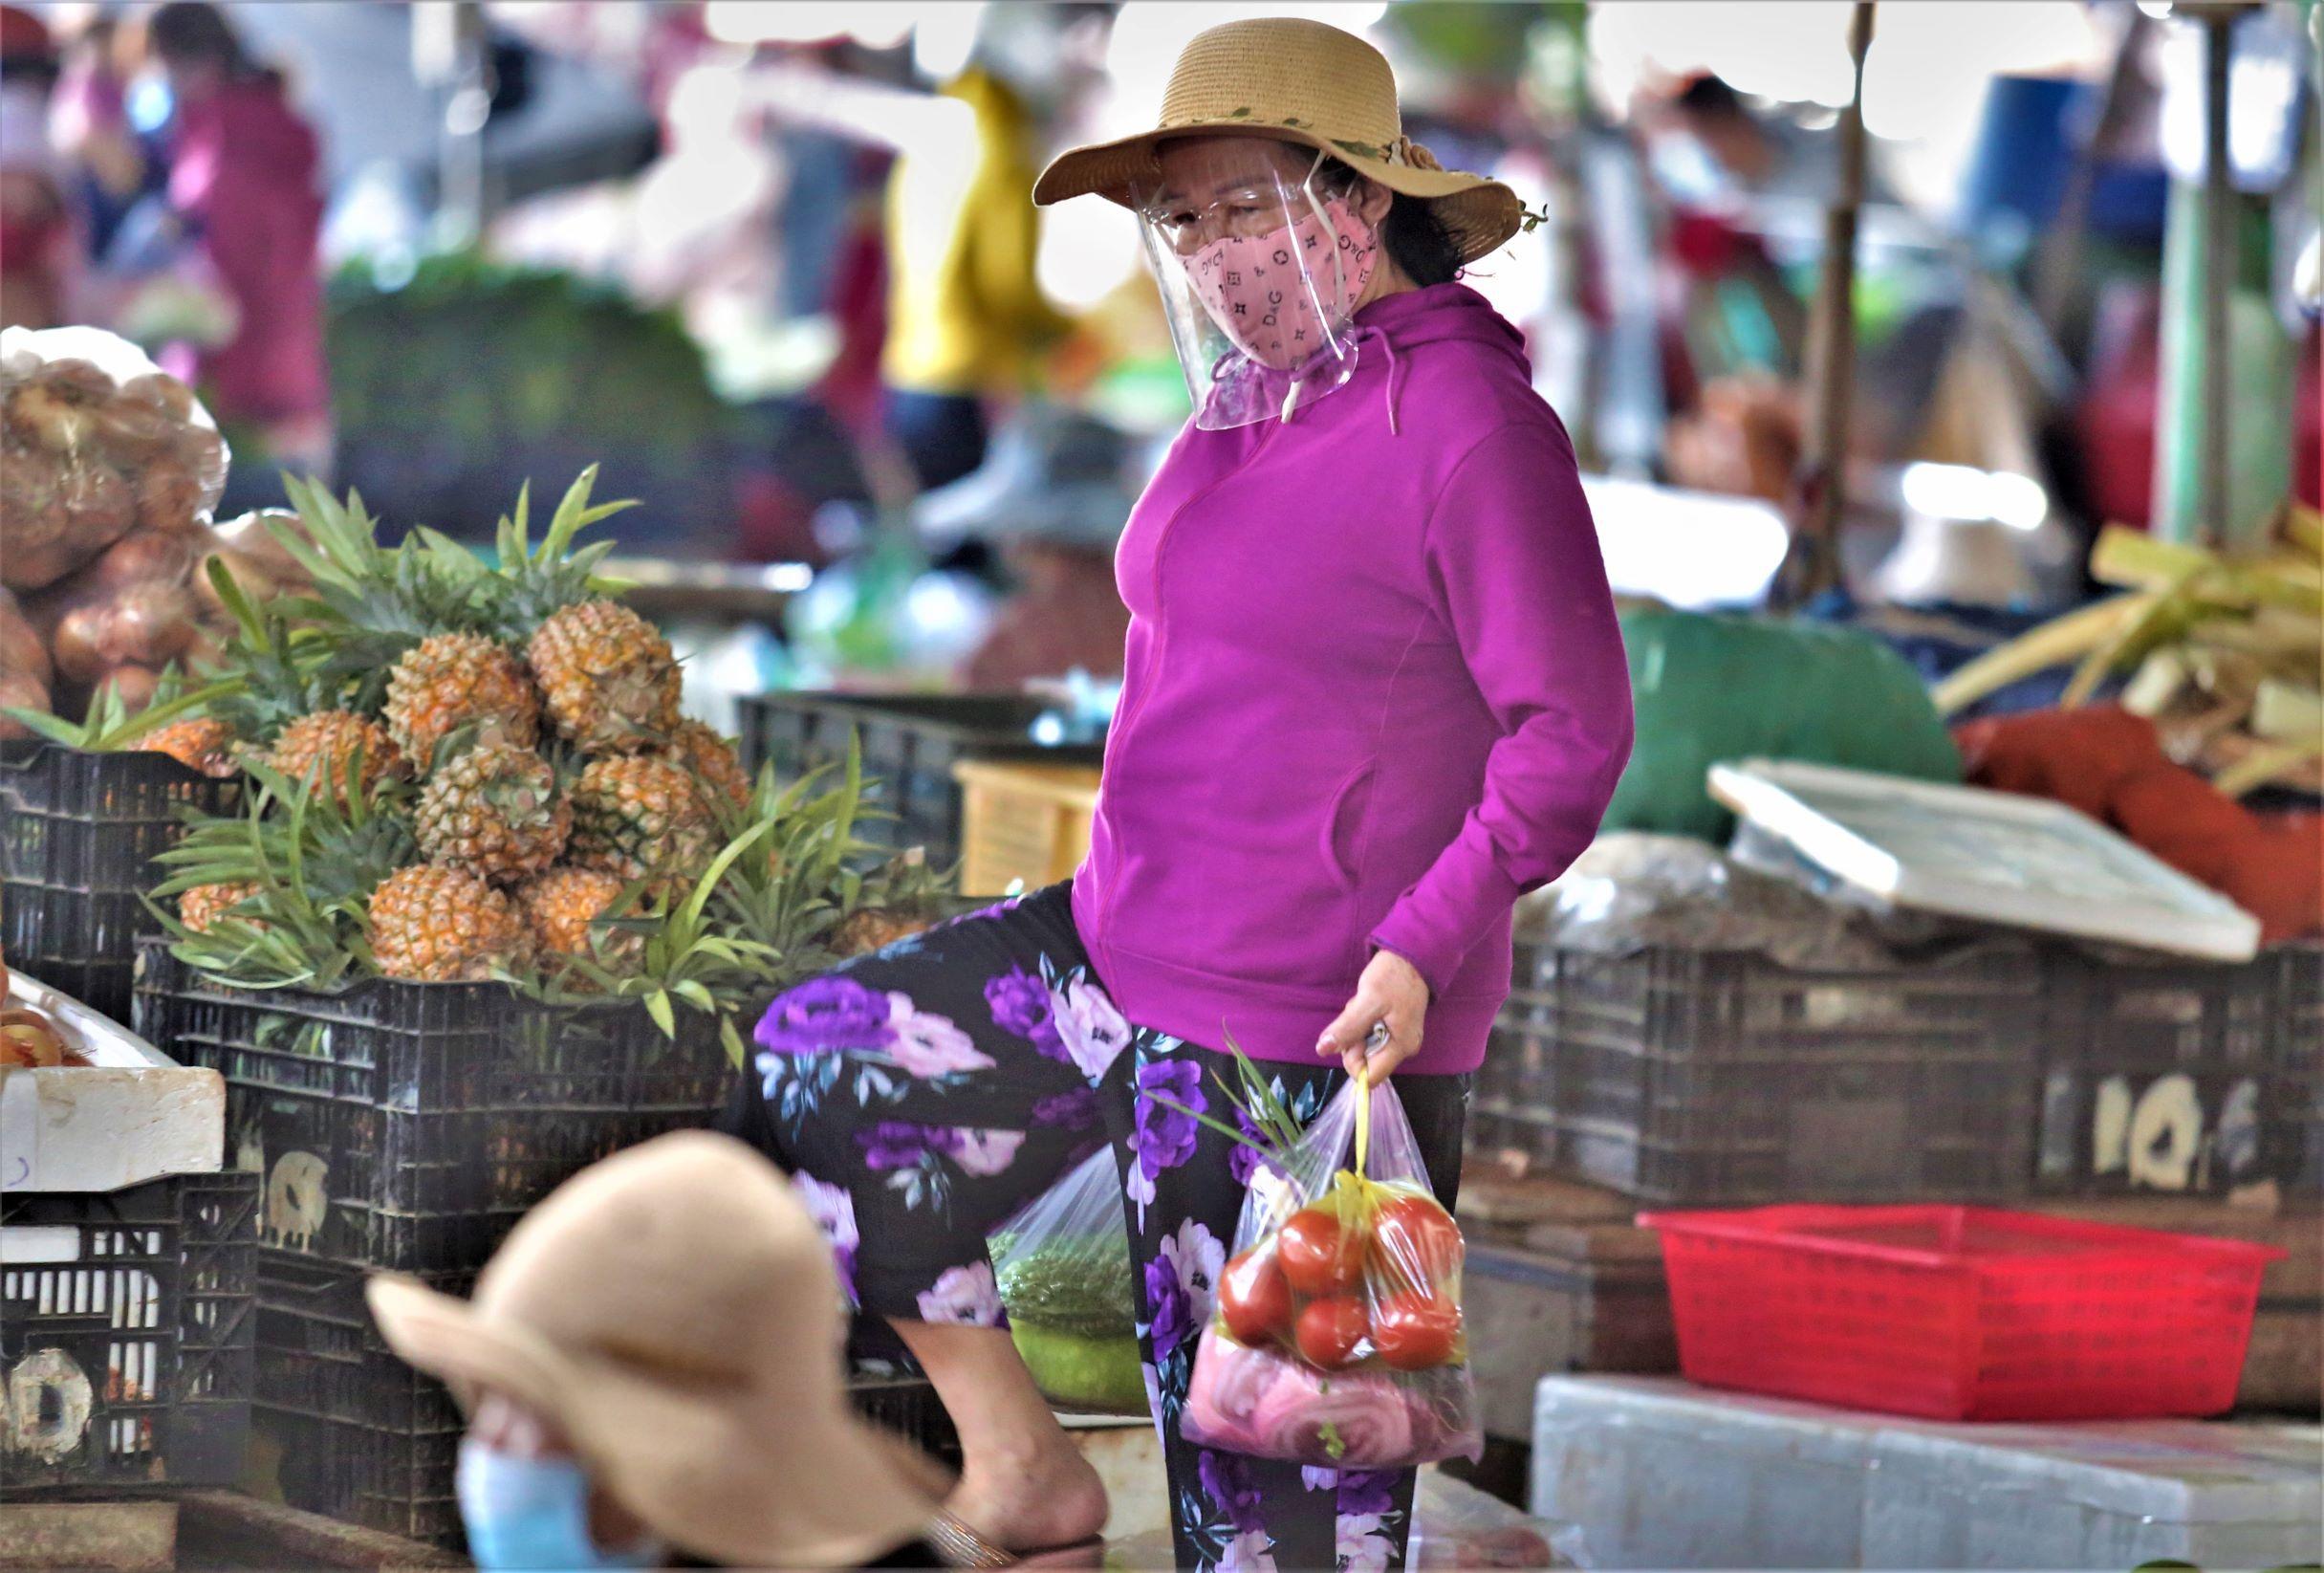 ẢNH: Người dân mặc áo mưa, trùm kín khi đi chợ giữa nắng 37 độ C để phòng dịch Covid-19 - Ảnh 6.